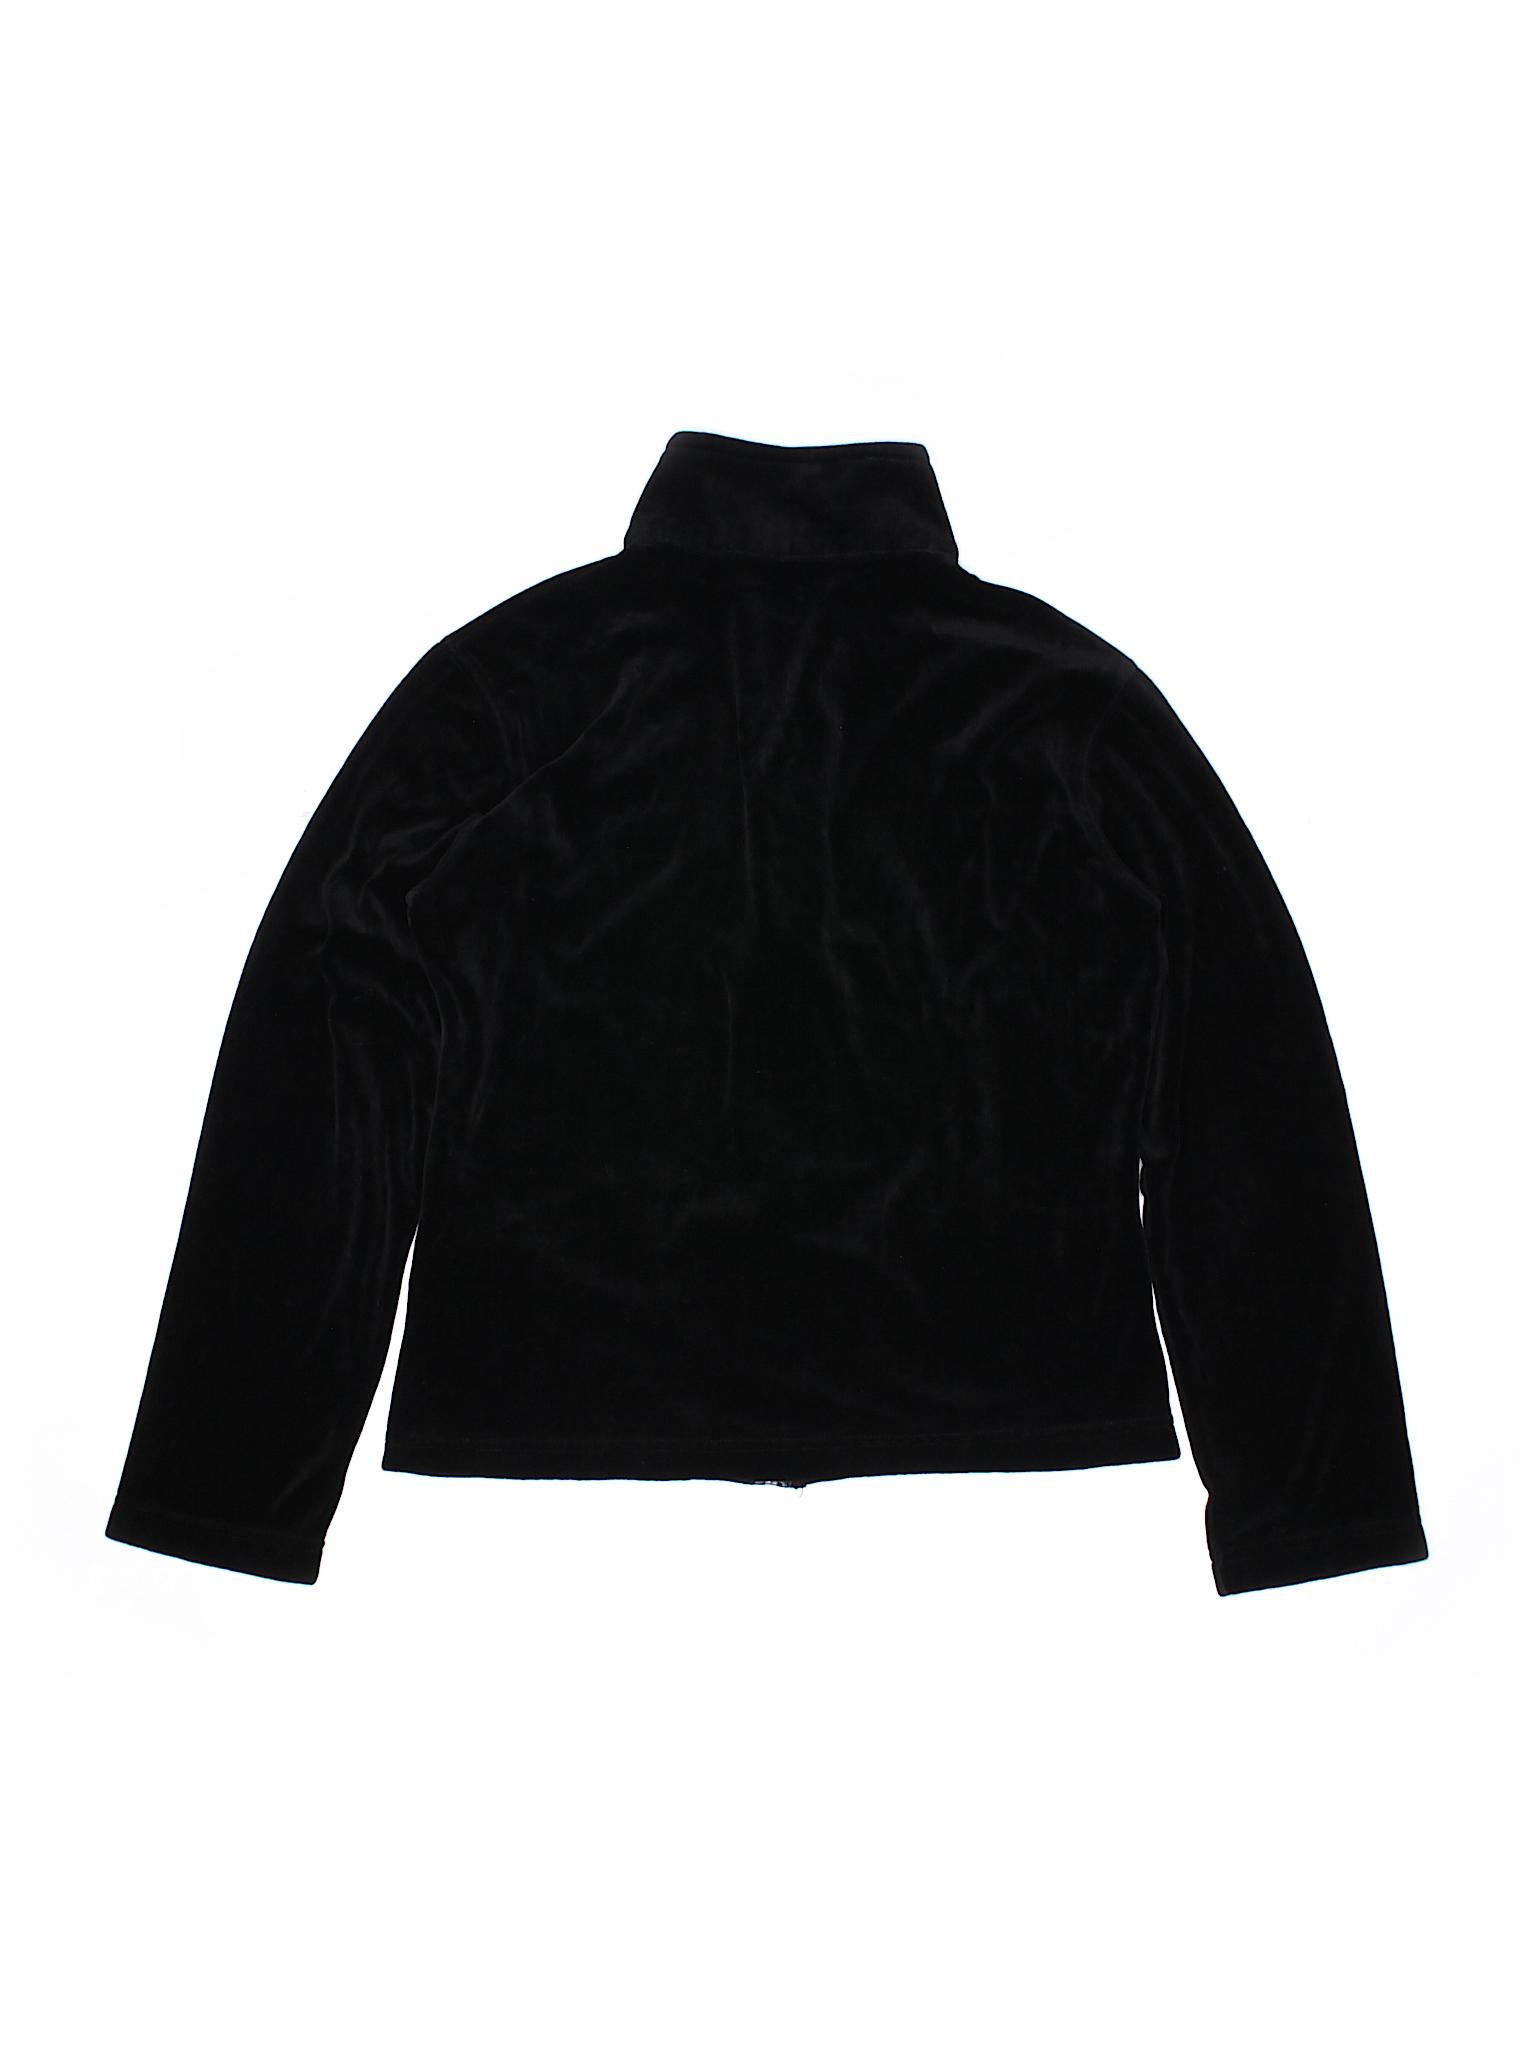 Hanes leisure Jacket Boutique Boutique leisure vWqptwtSz